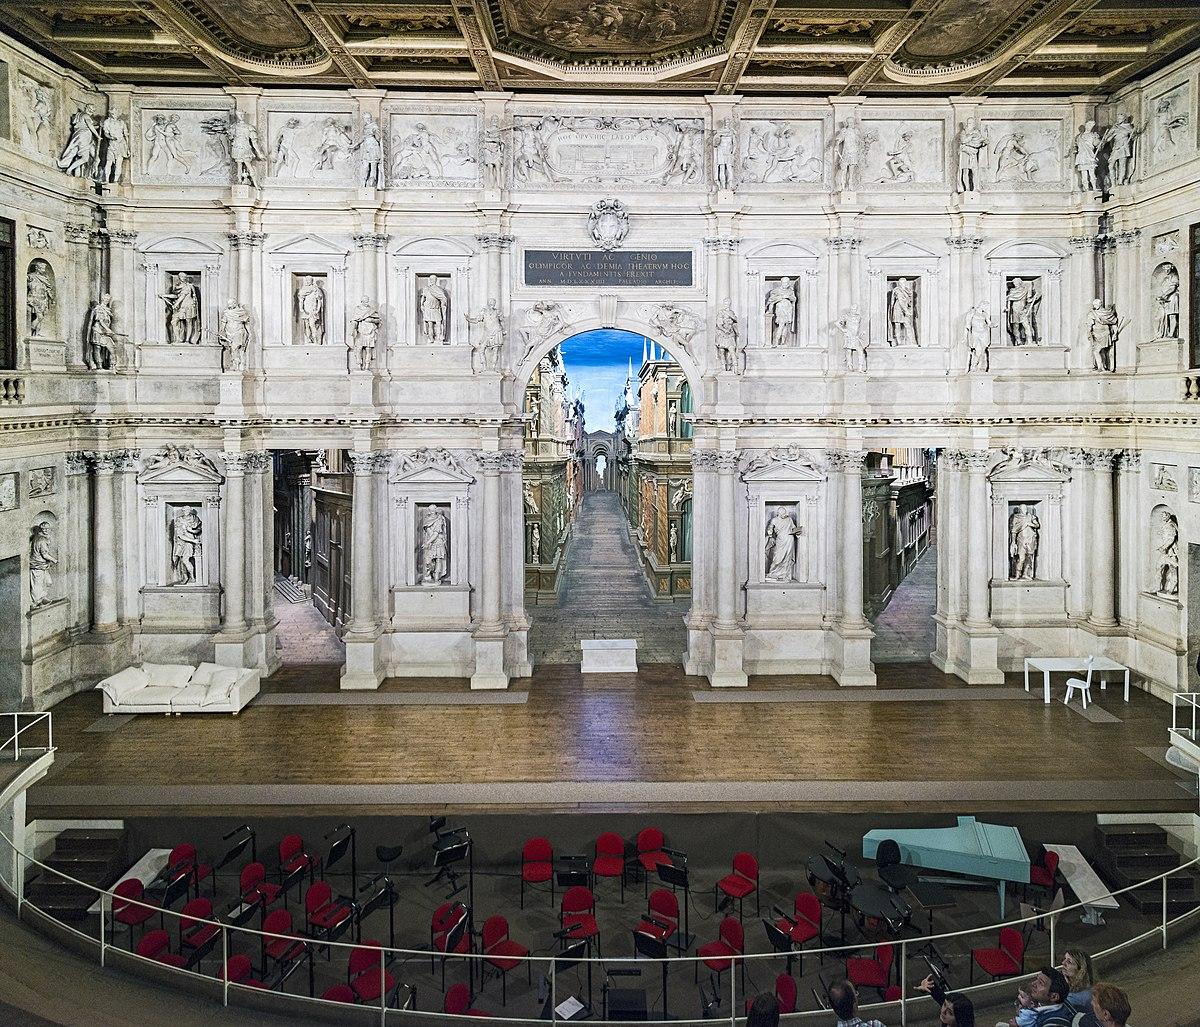 Teatro olimpico wikipedia - Giulio iacchetti interno italiano ...